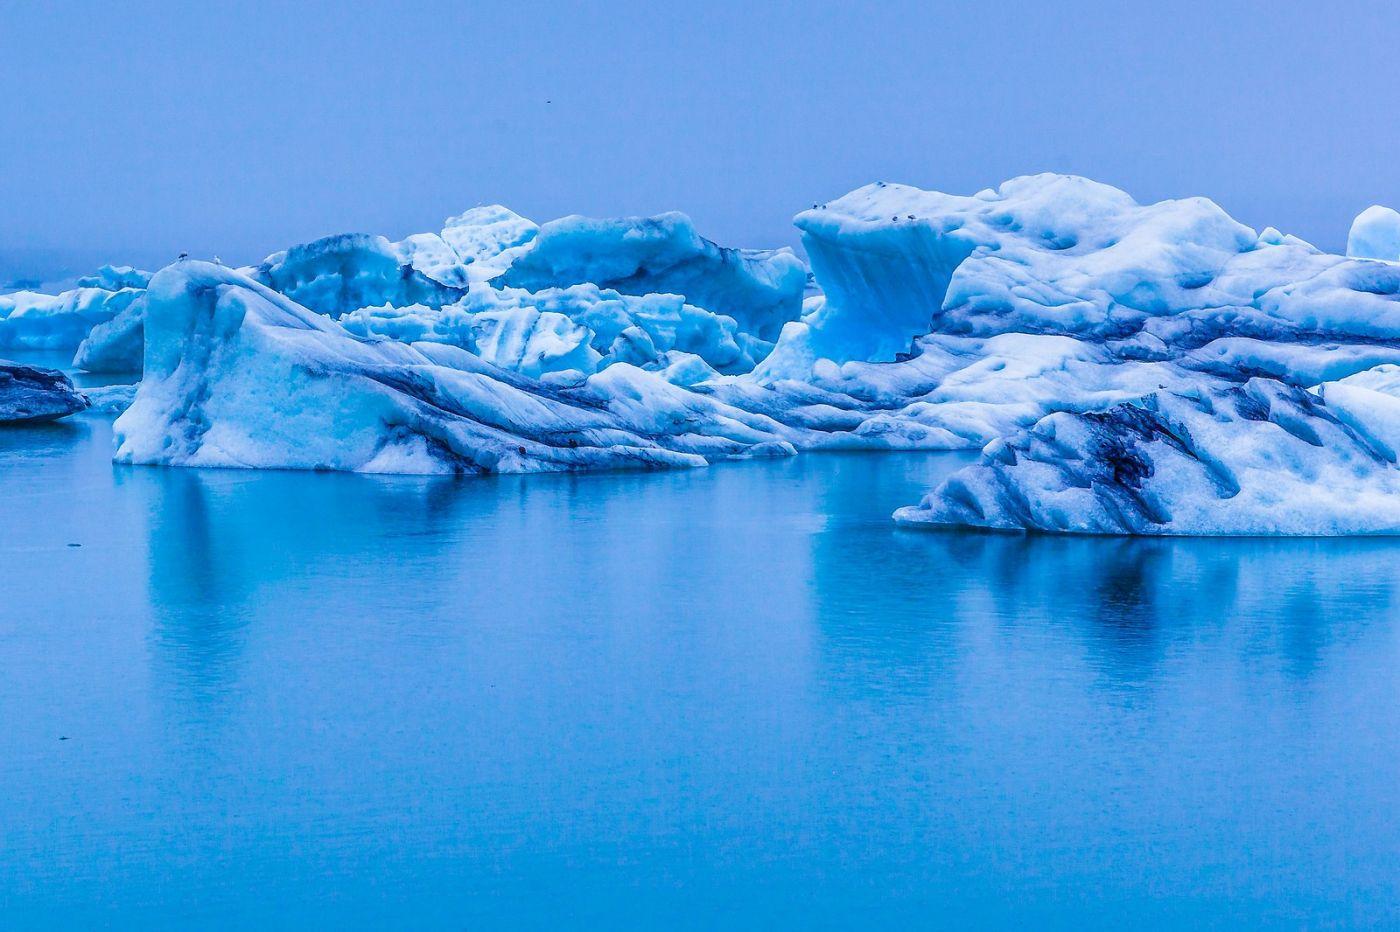 冰岛冰川泻湖(Glacier Lagoon),自然雕塑_图1-19